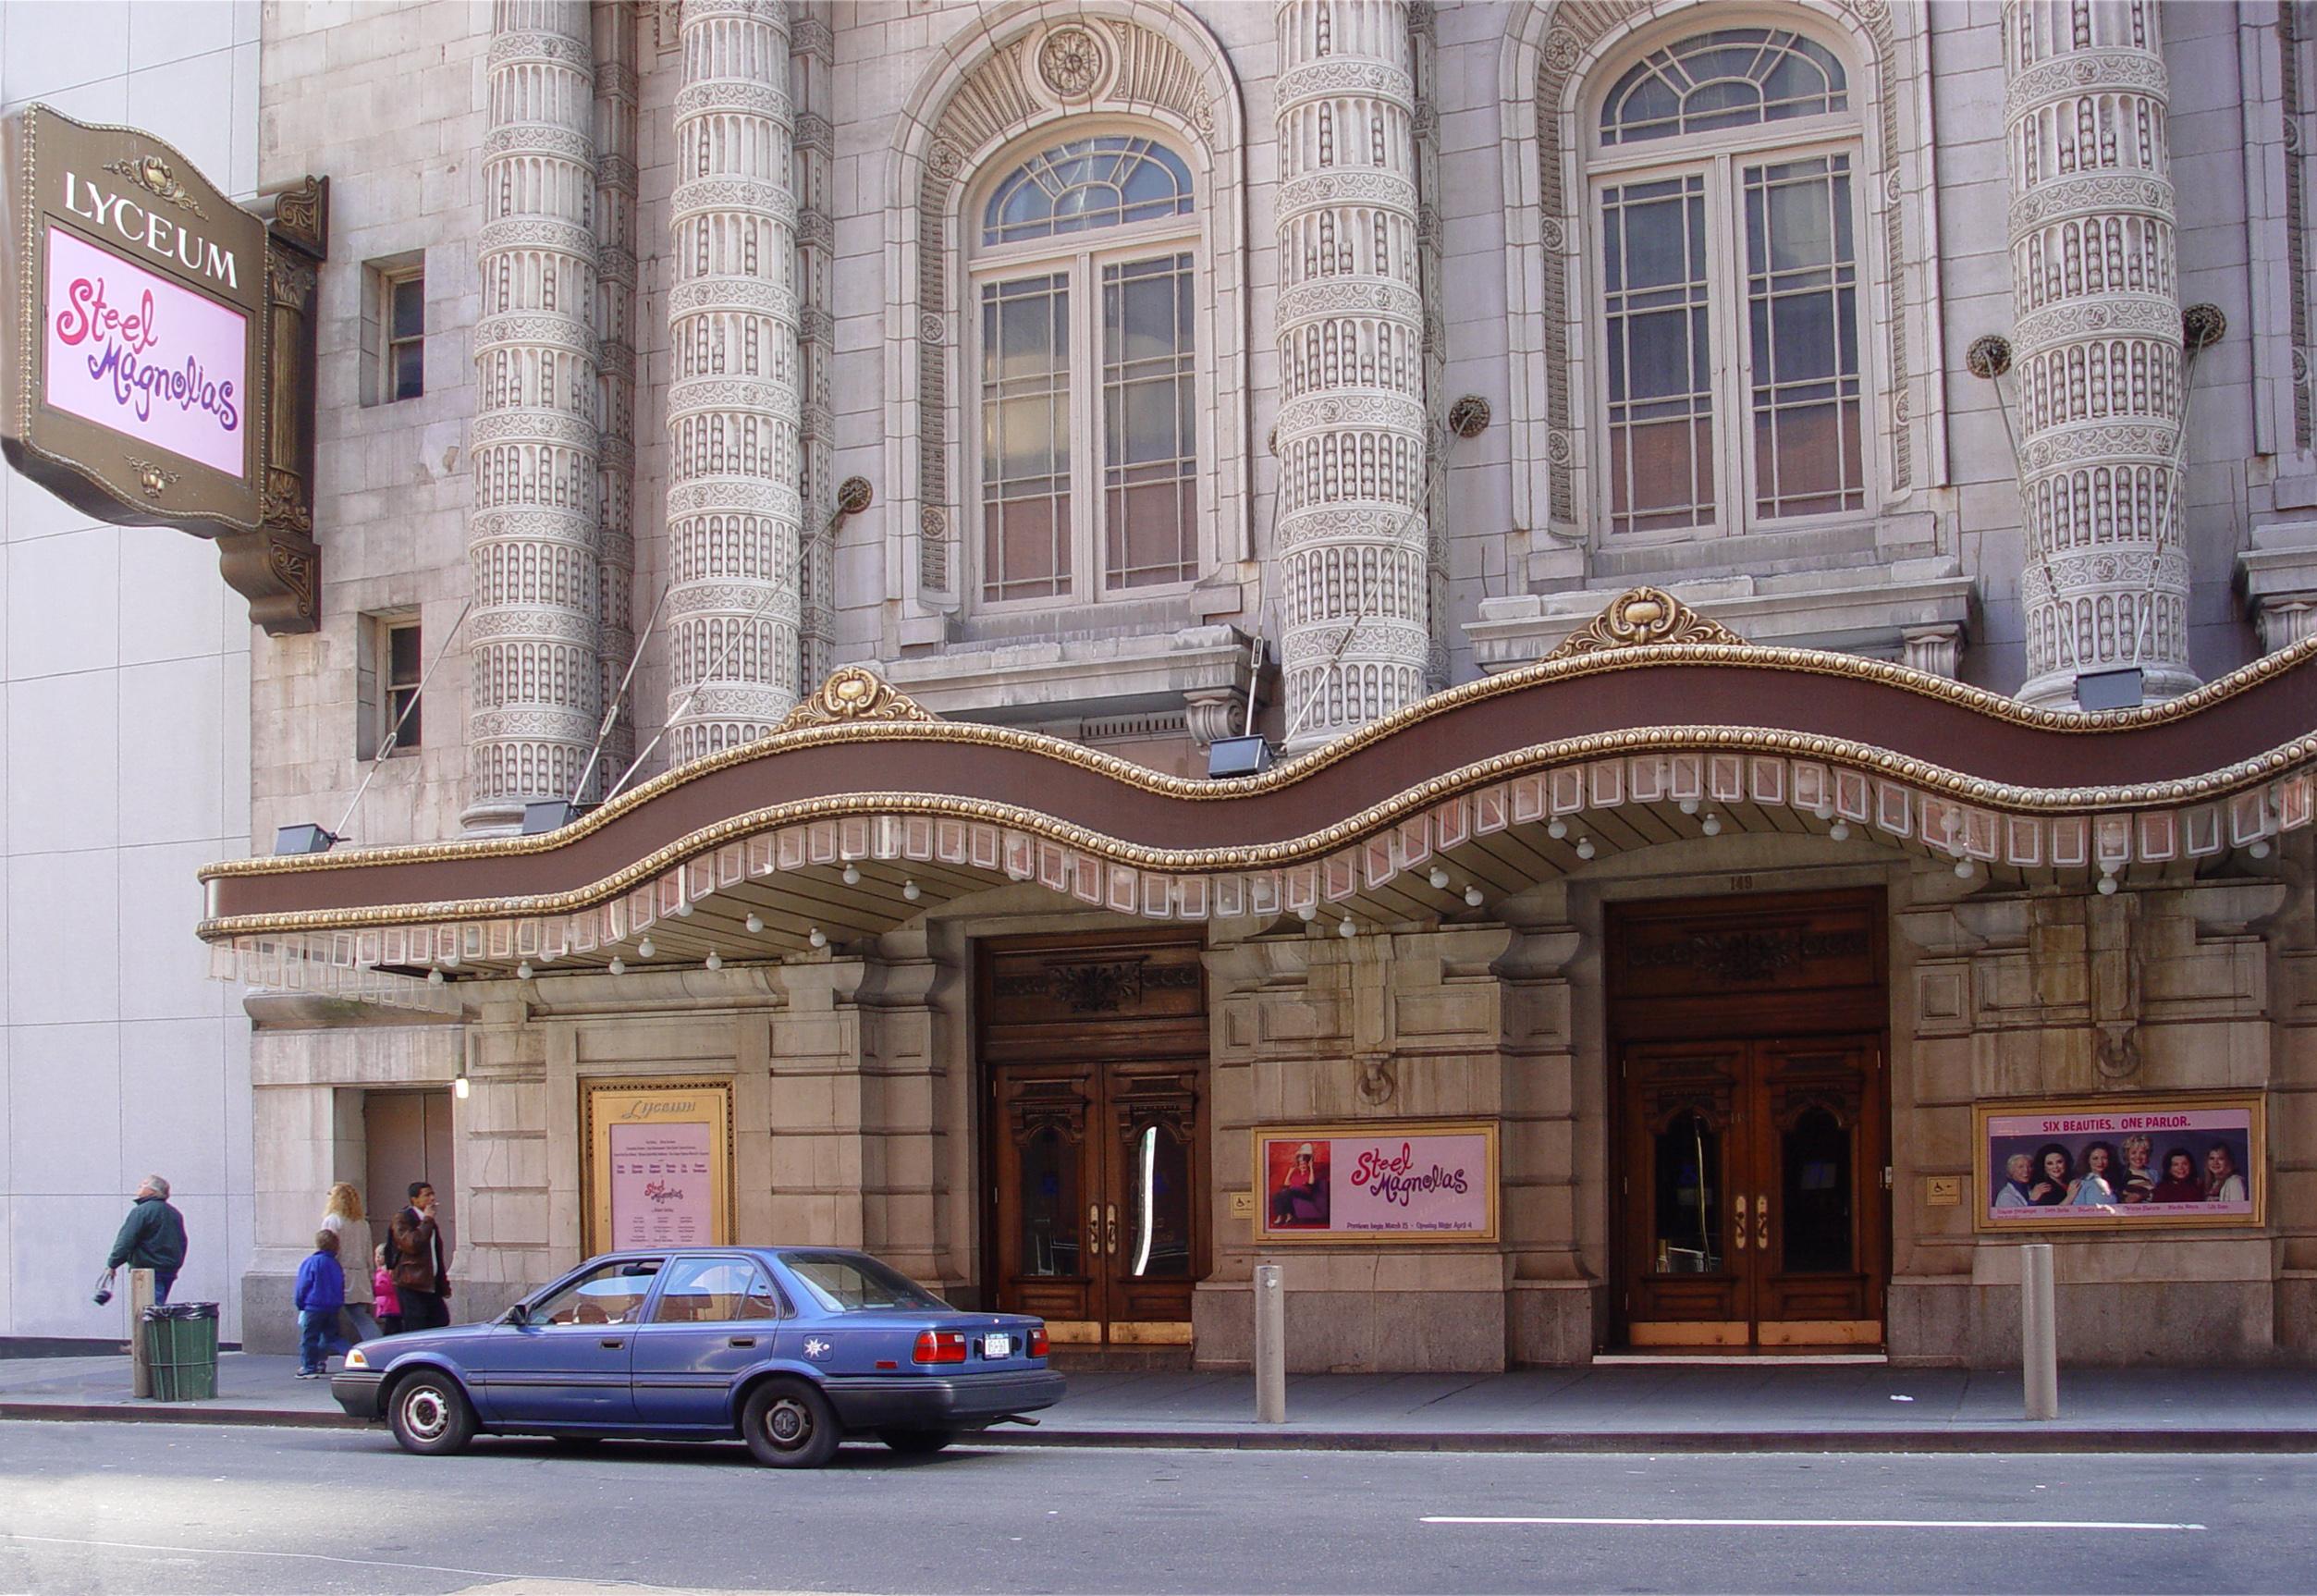 Lyceum, das älteste in Betrieb befindliche Theater am Broadway